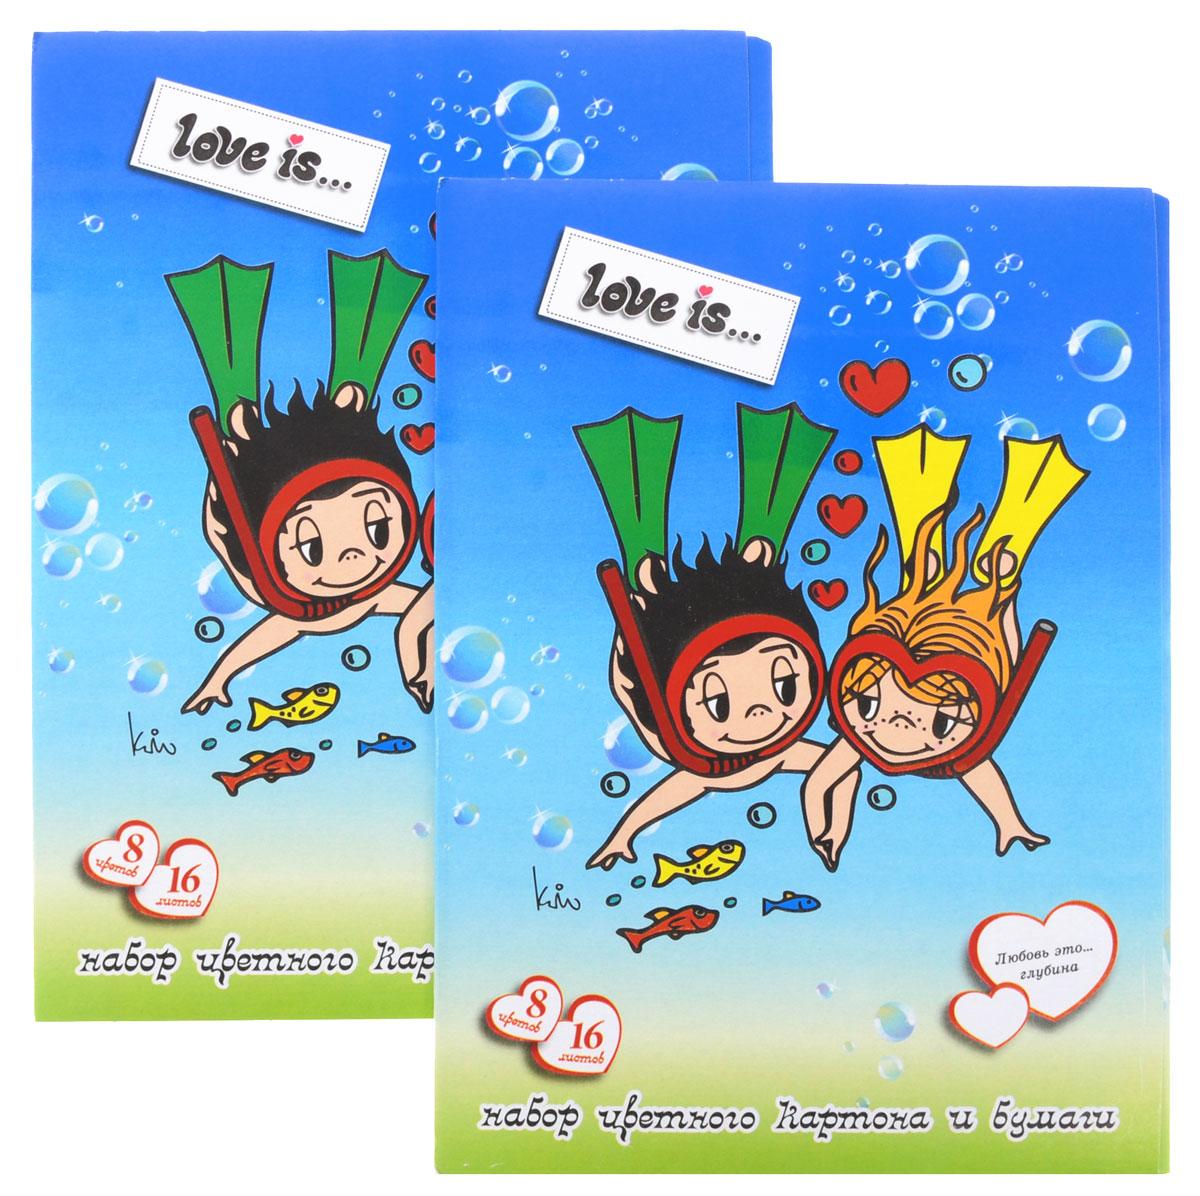 Action! Набор цветного картона и бумаги Love is... 16 листов 2 шт цвет голубойLI-CCP-16/8_голубойНабор цветного картона и бумаги Action! Love is... позволит вашему ребенку создавать всевозможные аппликации и поделки. Набор содержит 8 листов цветного картона и 8 листов цветной бумаги формата А4. Листы упакованы в оригинальную картонную папку, оформленную в тематике Love is.... Создание поделок из бумаги и картона поможет ребенку в развитии творческих способностей, кроме того, это увлекательный досуг. В комплекте 2 набора по 16 листов.